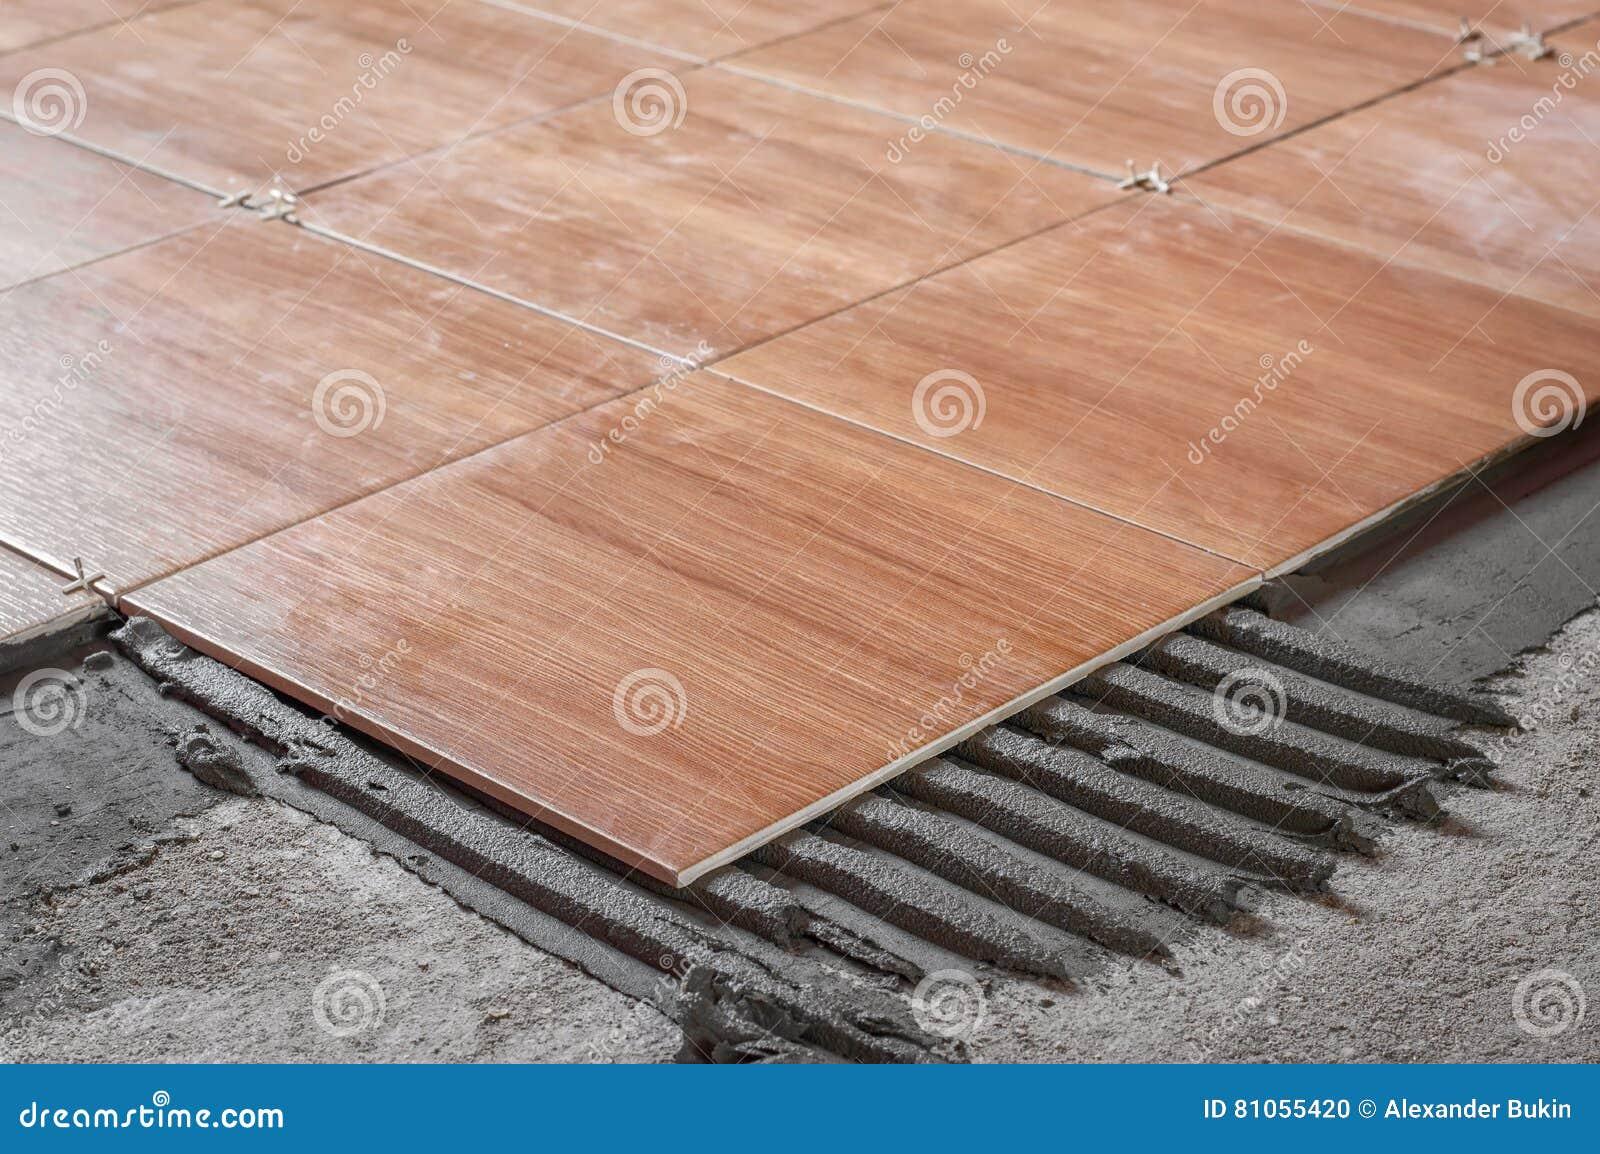 Reparieren Sie Die Arbeit Und Fliesen Auf Den Boden Legen Stockfoto